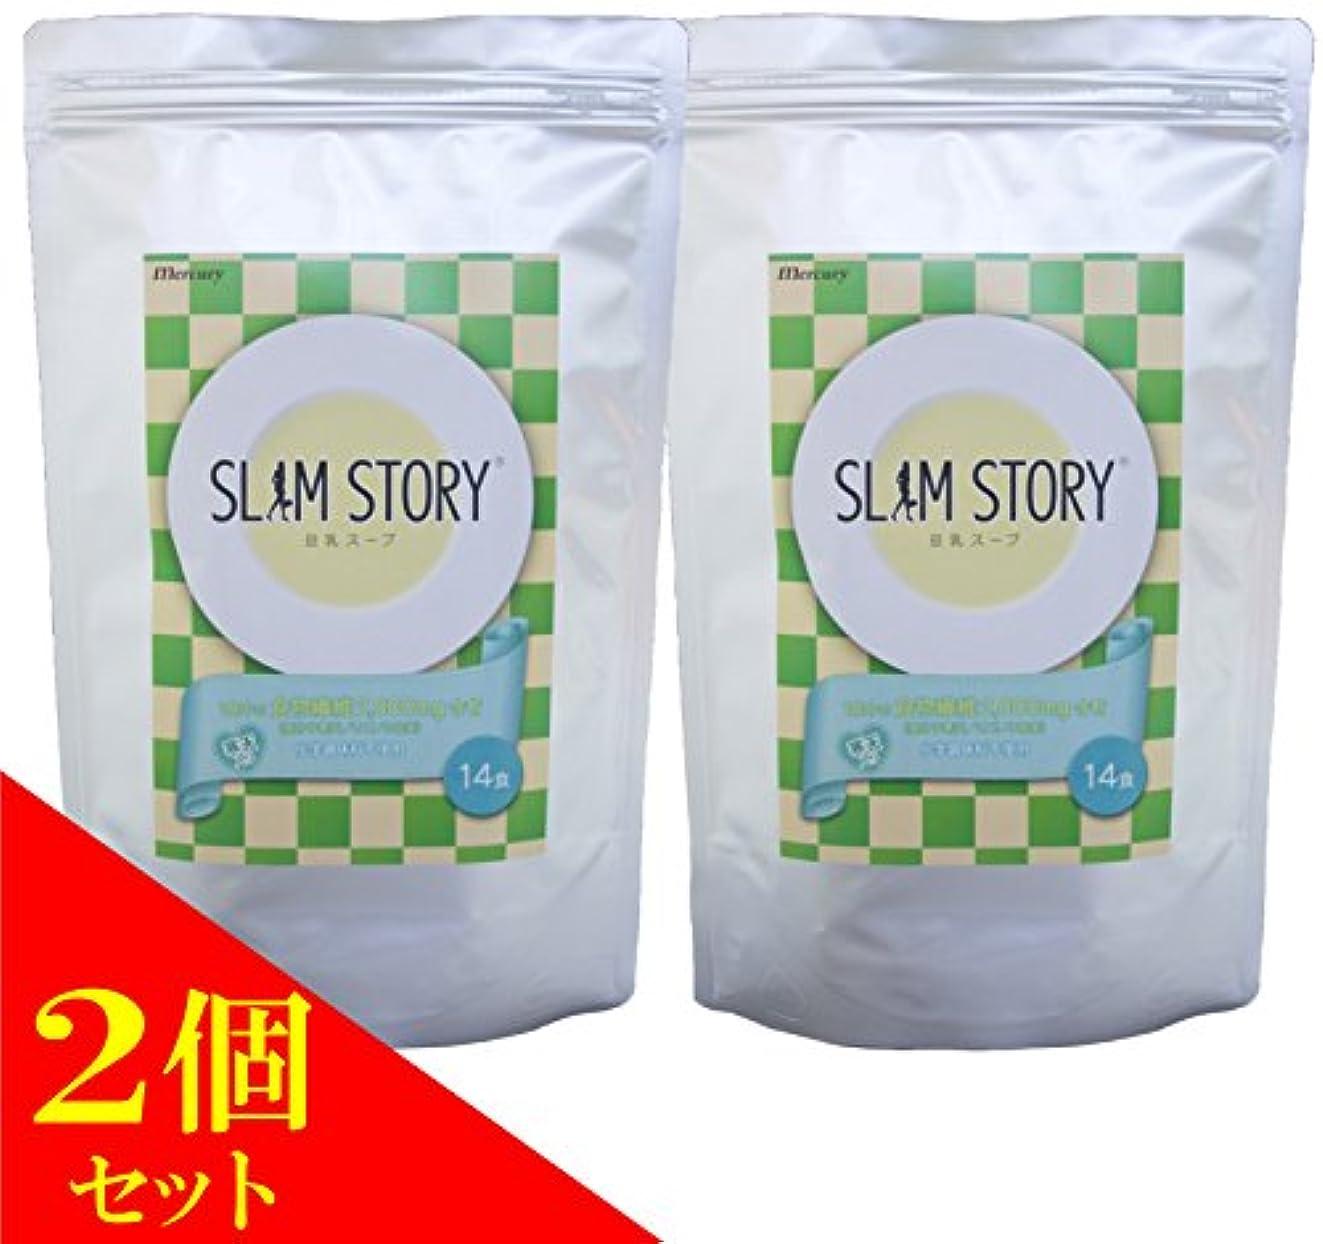 咳貧困ビジター(2個)マーキュリー SLIM STORY 豆乳スープ 14食×2個セット/化学調味料 不使用(4947041155176)